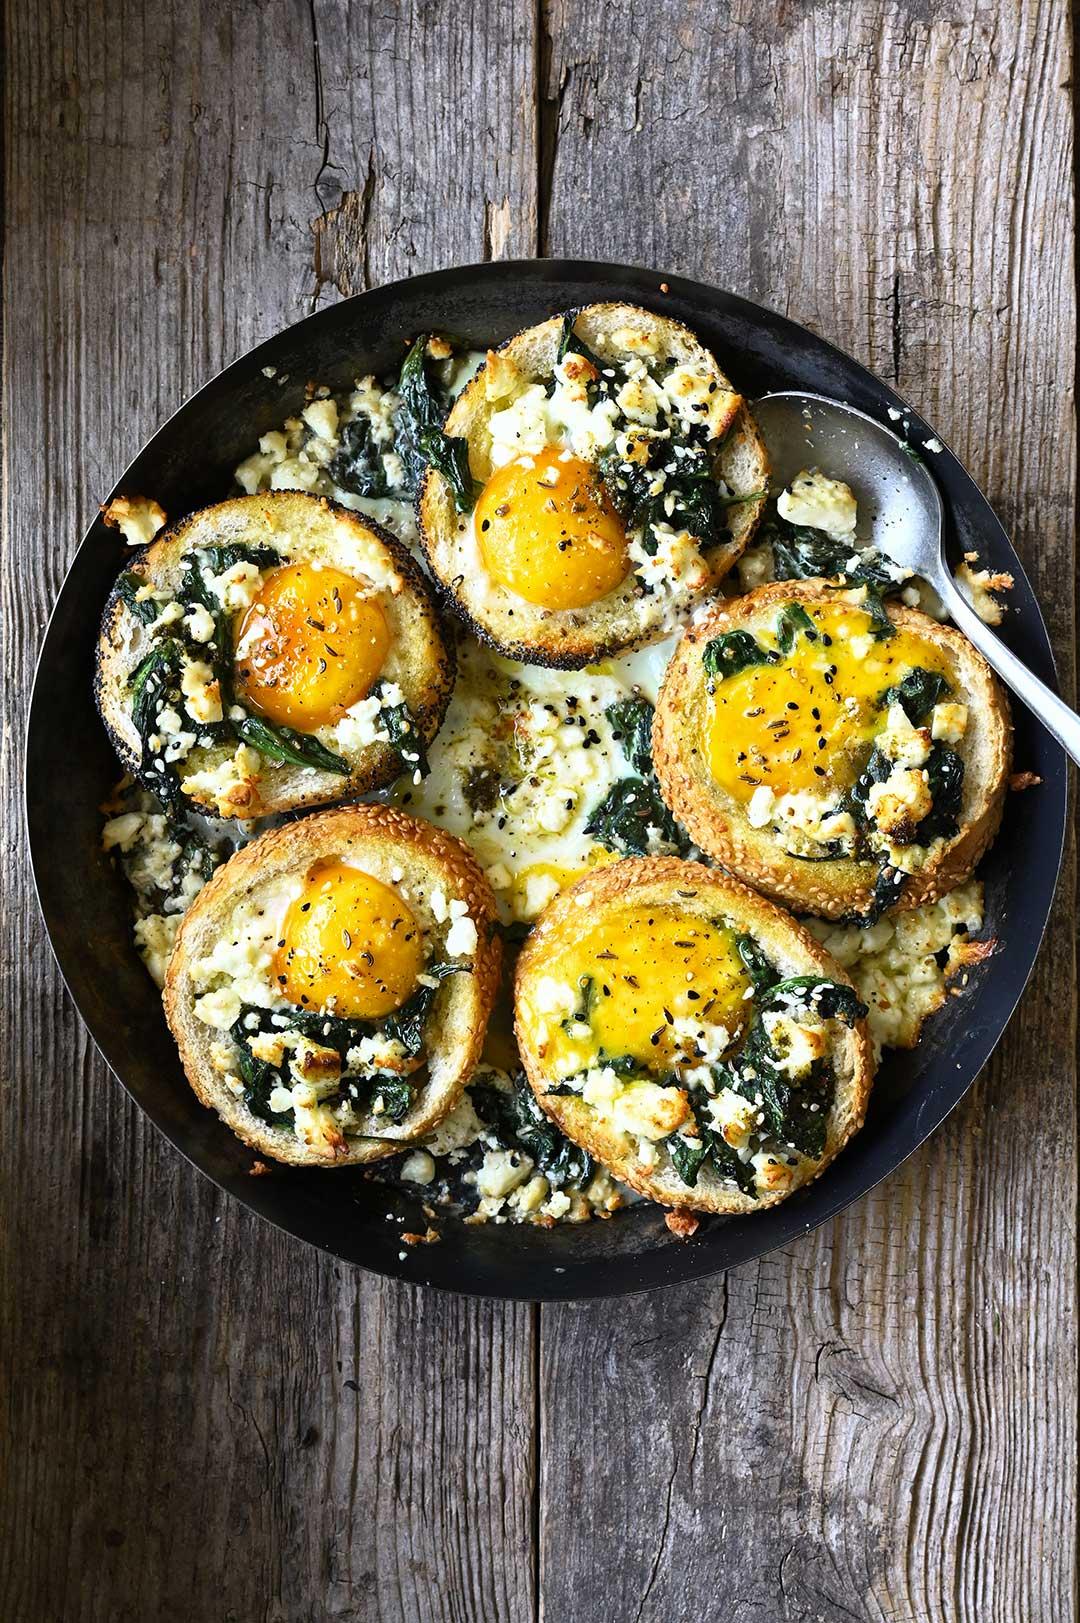 serving dumplings | Broodjes gebakken met ei, spinazie en feta